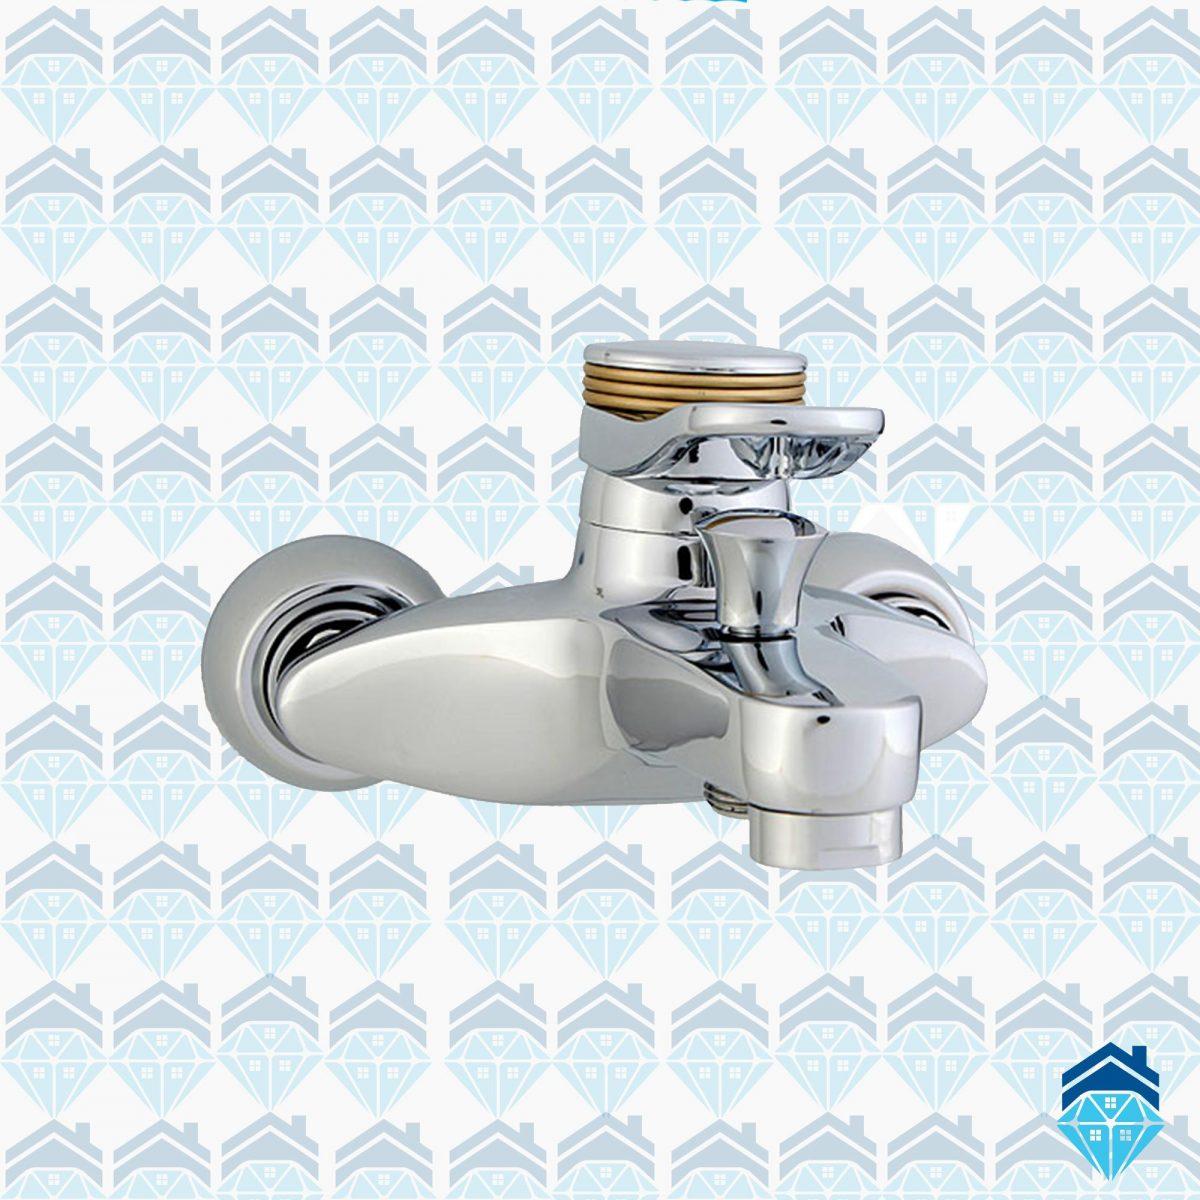 شیر دوش (حمام) موست مدل اروپا